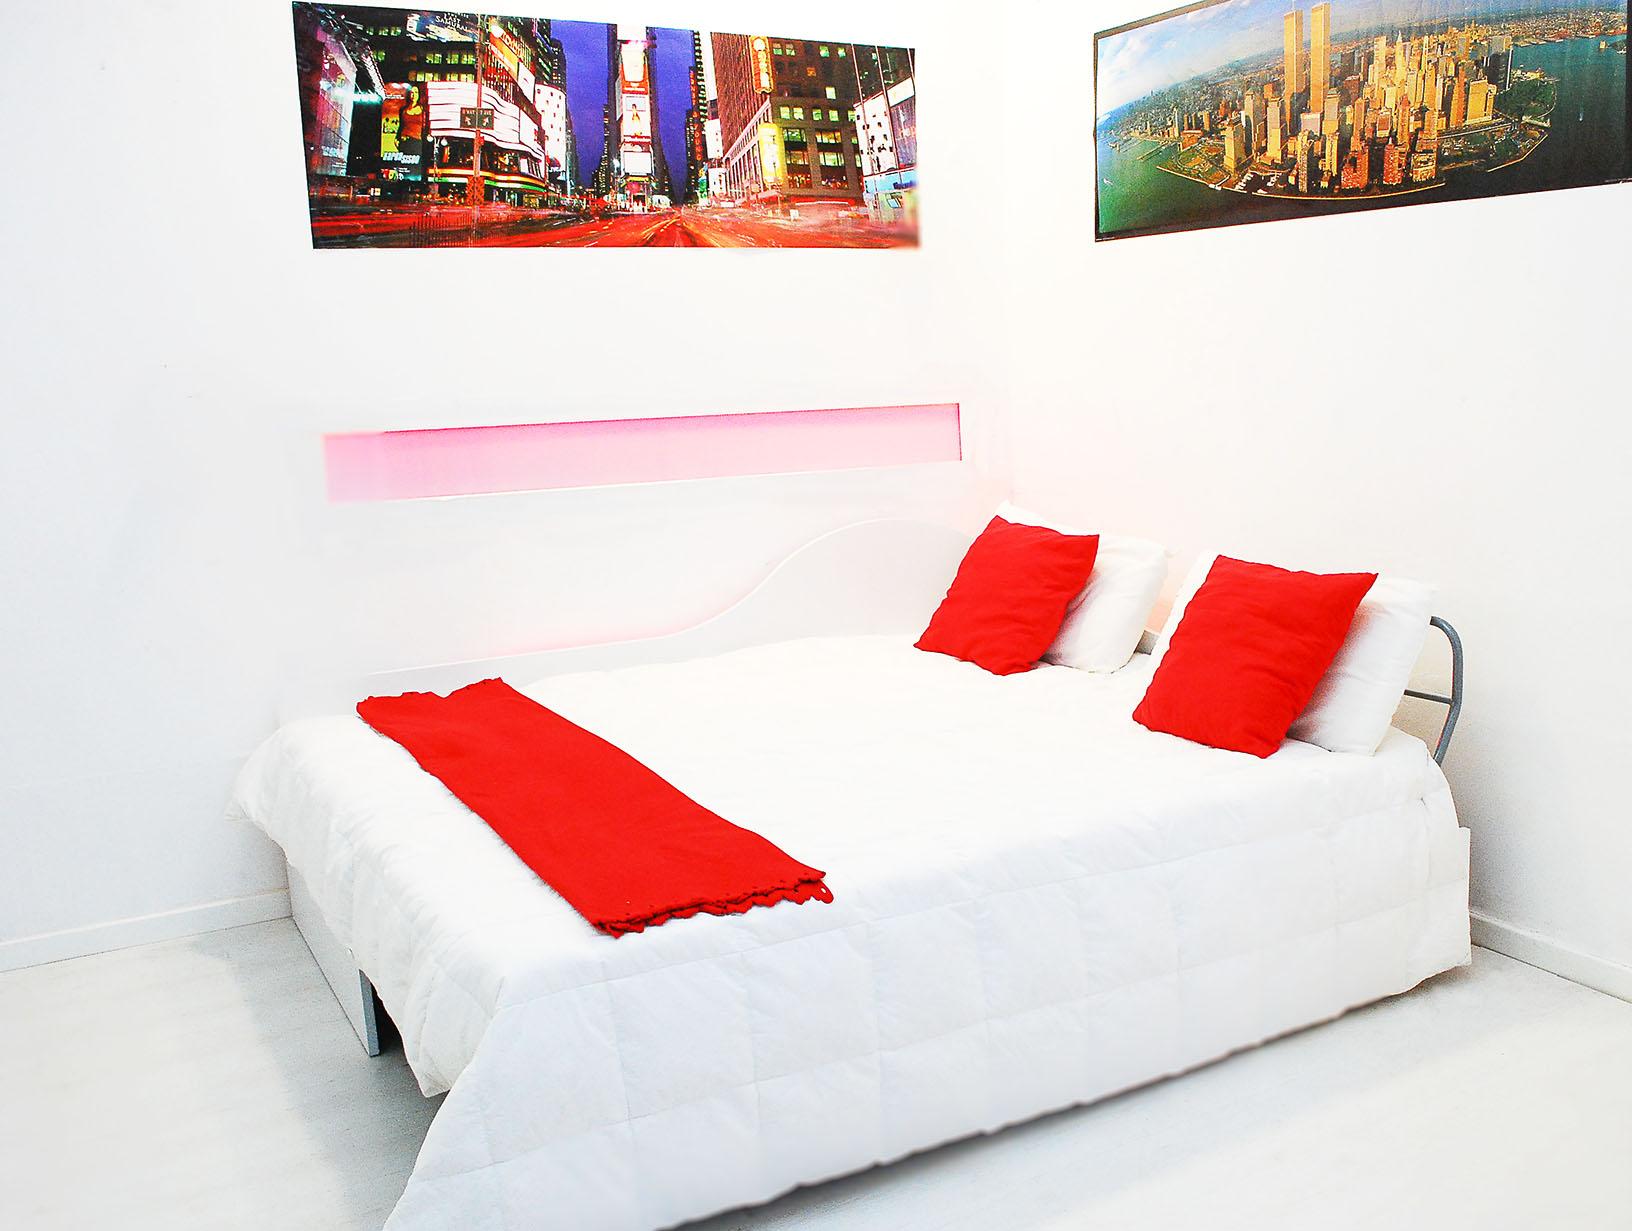 Divano letto estraibile matrimoniale dormeuse bed - Simile al divano letto ...